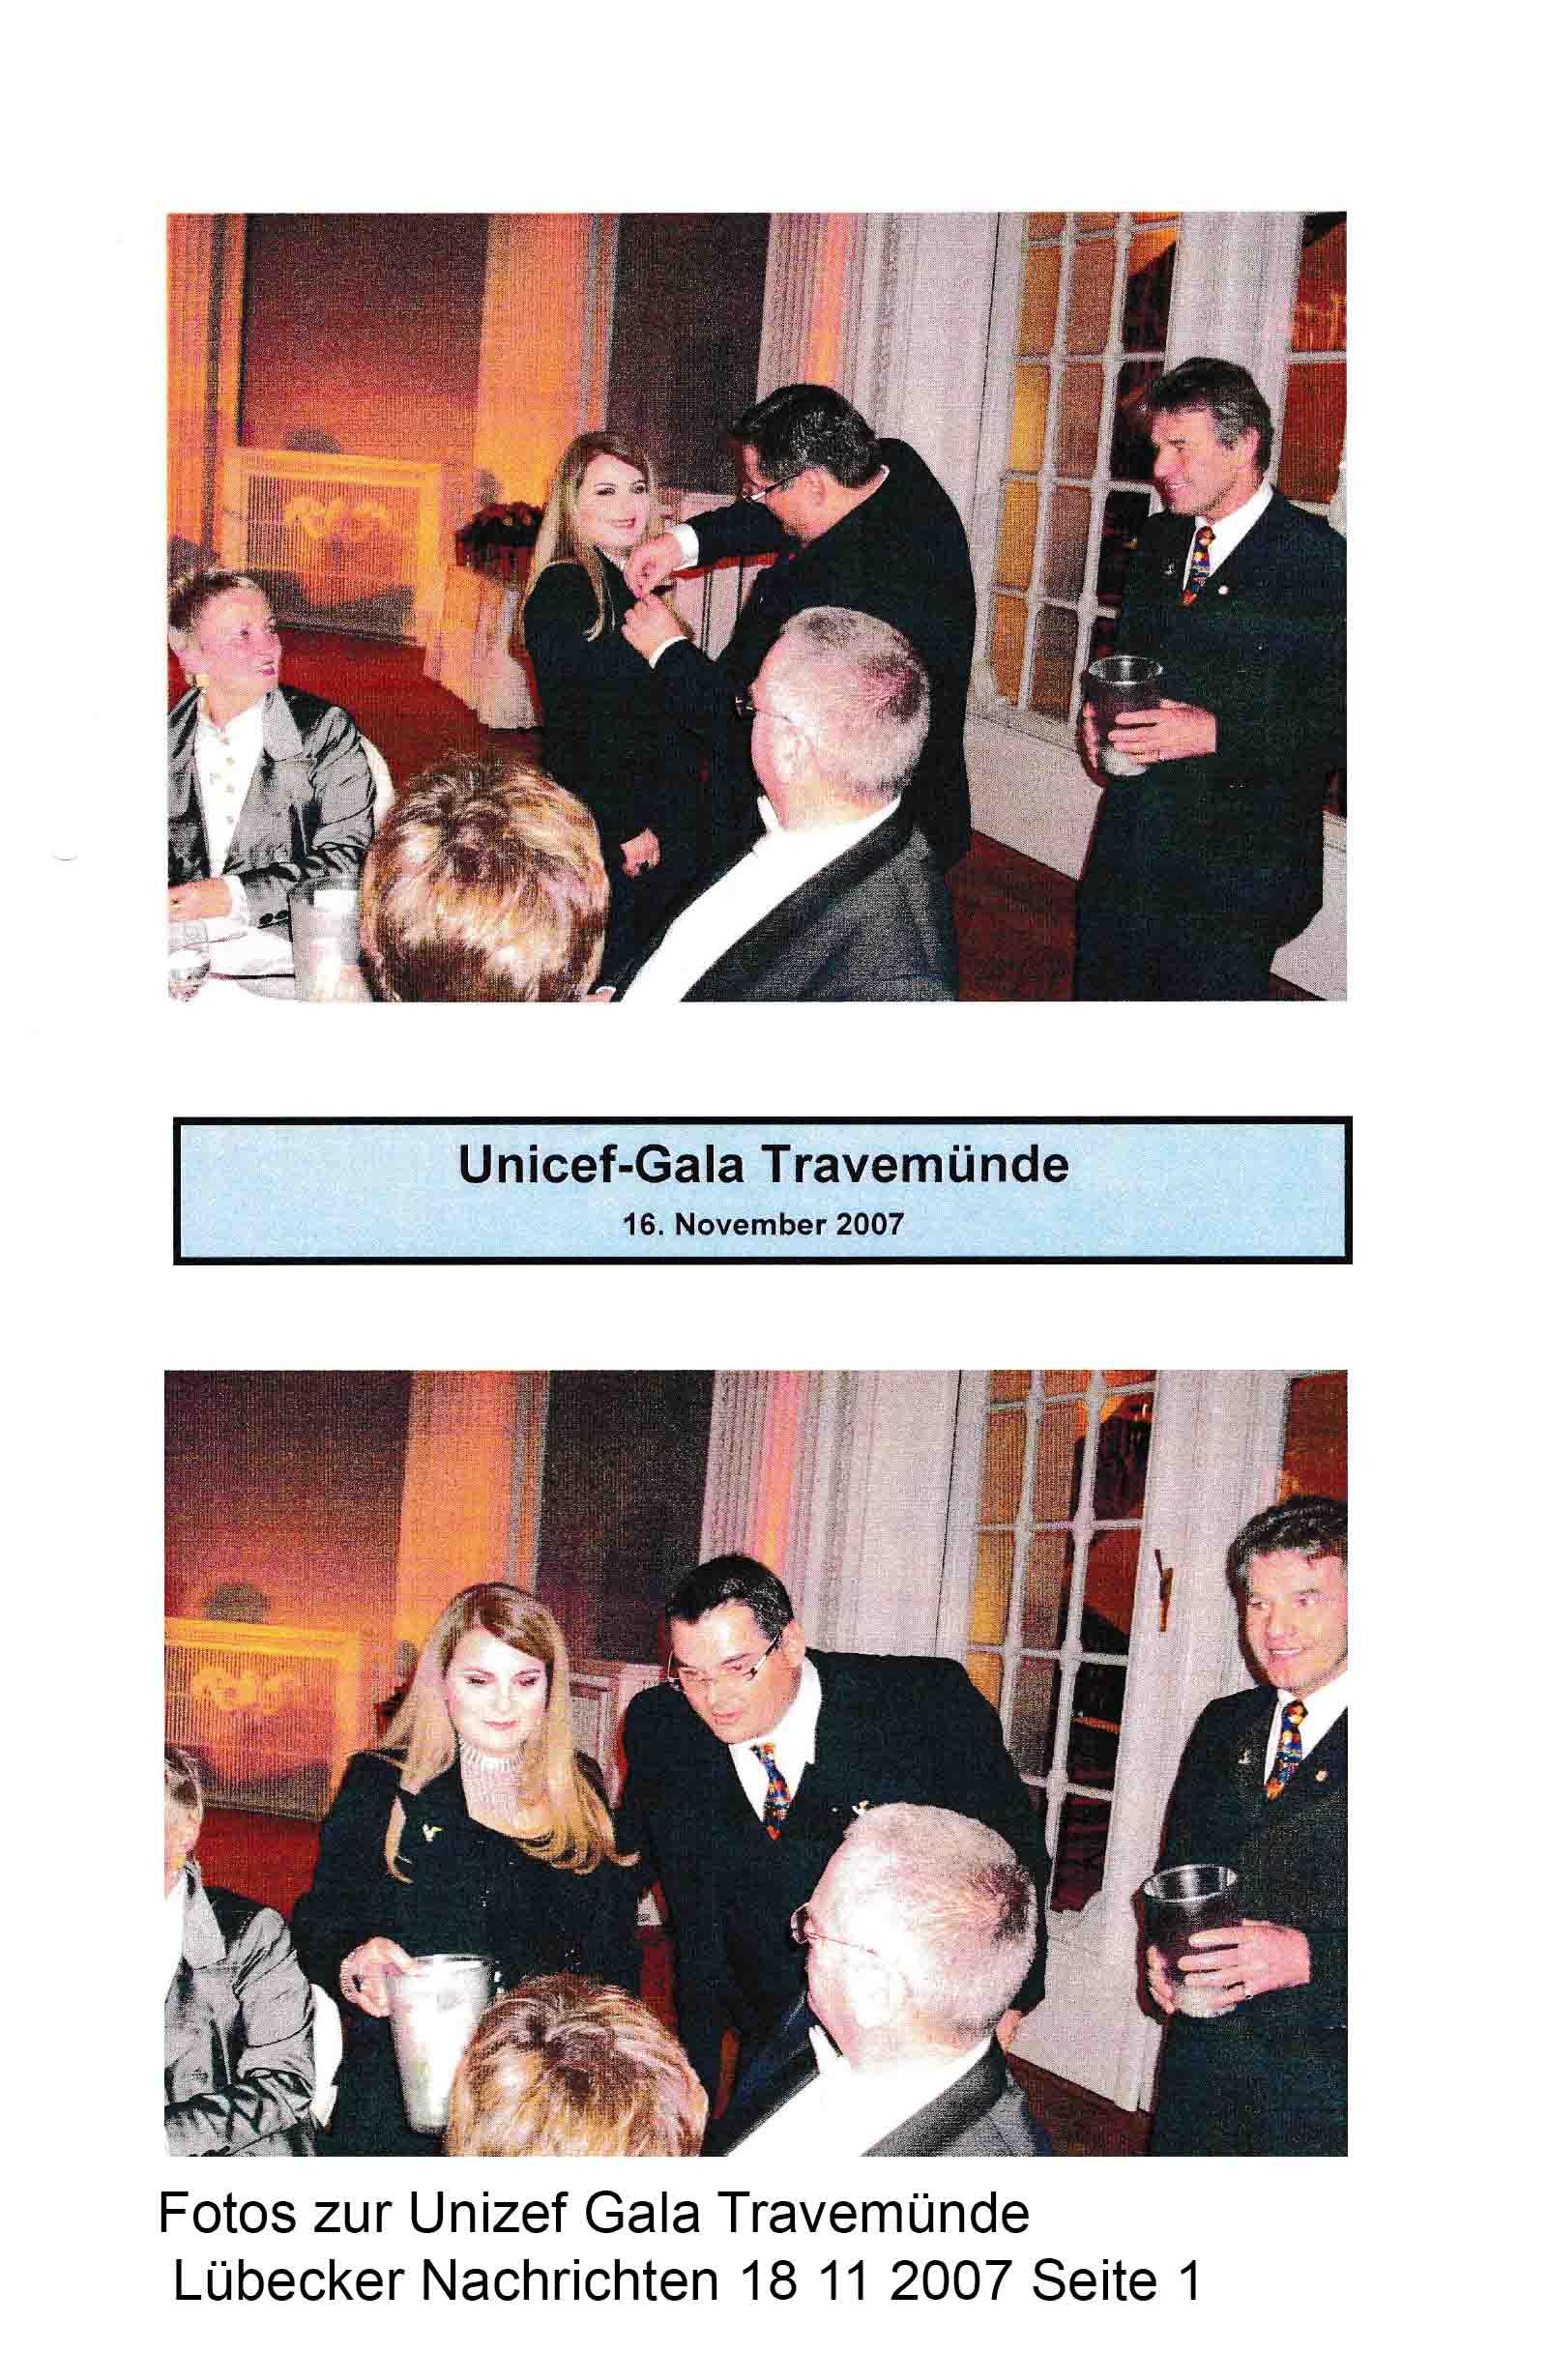 Fotos zur Unicef Gala Travemünde Lübecker Nachrichten 18 11 2007 Seite 1